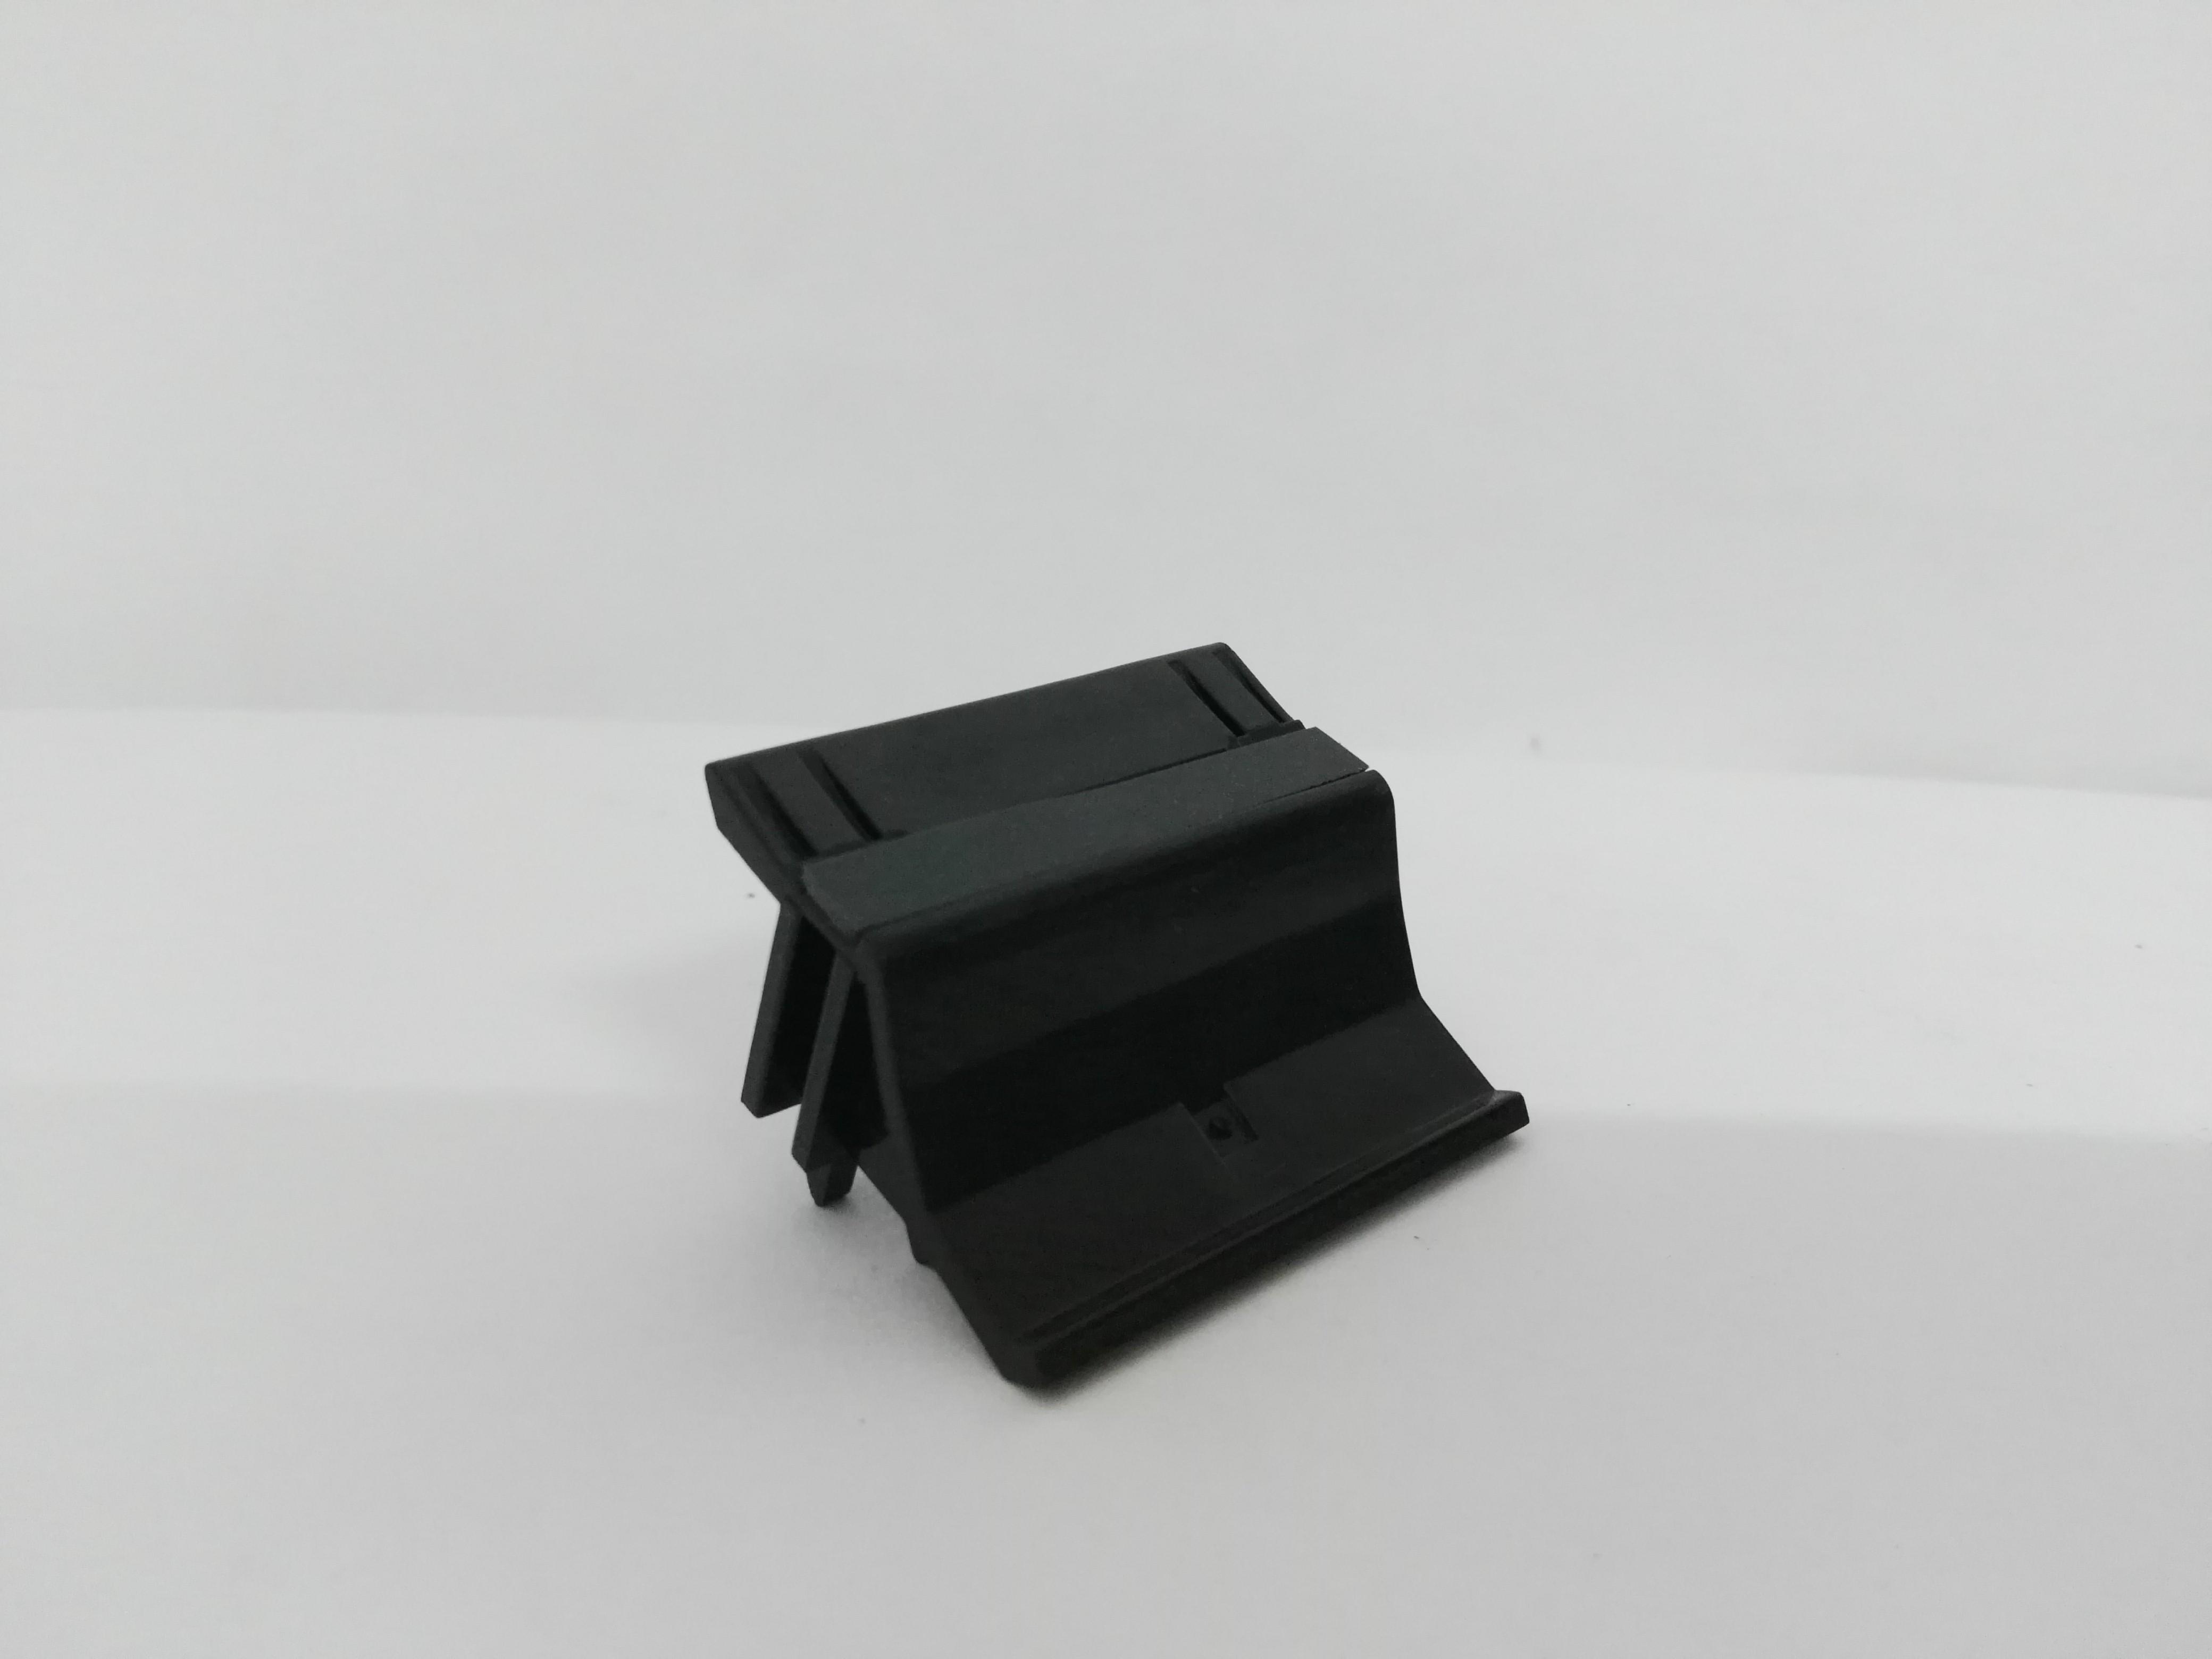 莱盛配件1610分页器 适用三星4521F 4321 1641 3117打印机搓纸轮